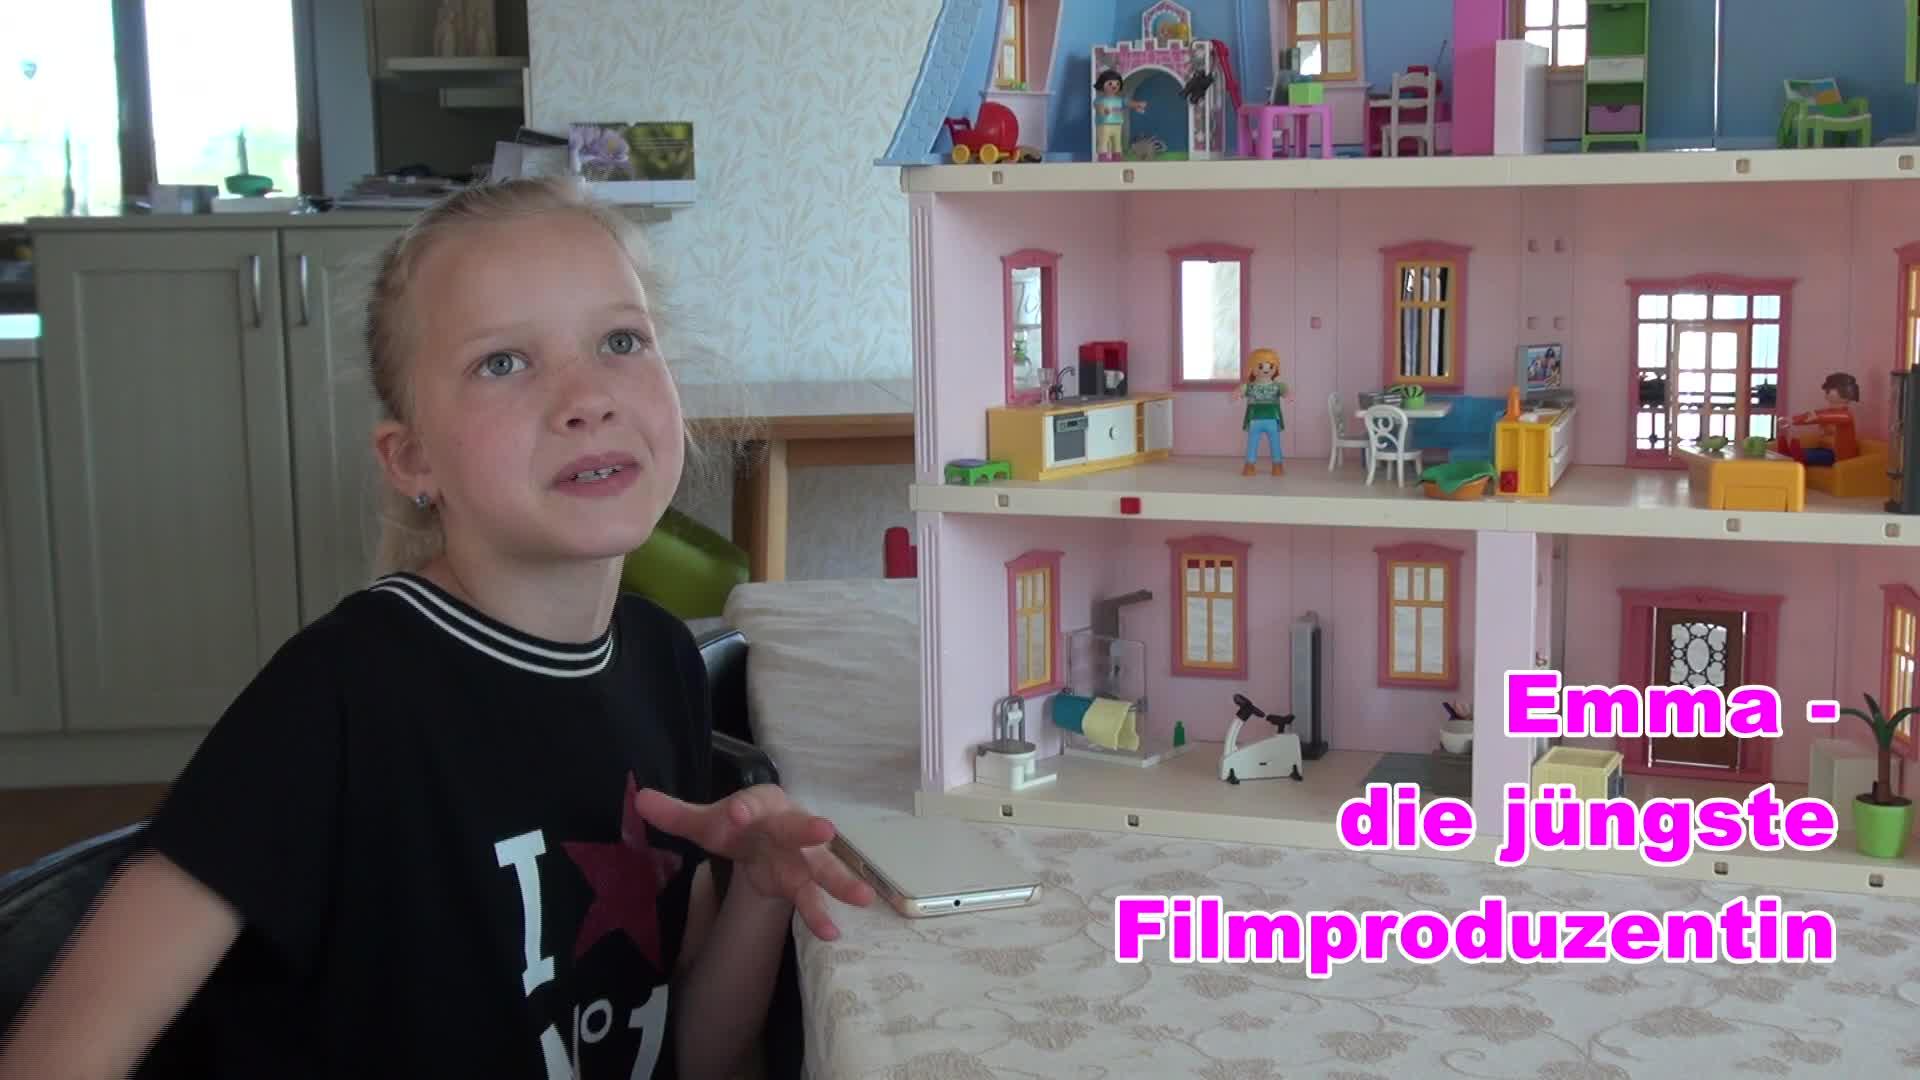 Emma, die jüngste Filmproduzentin